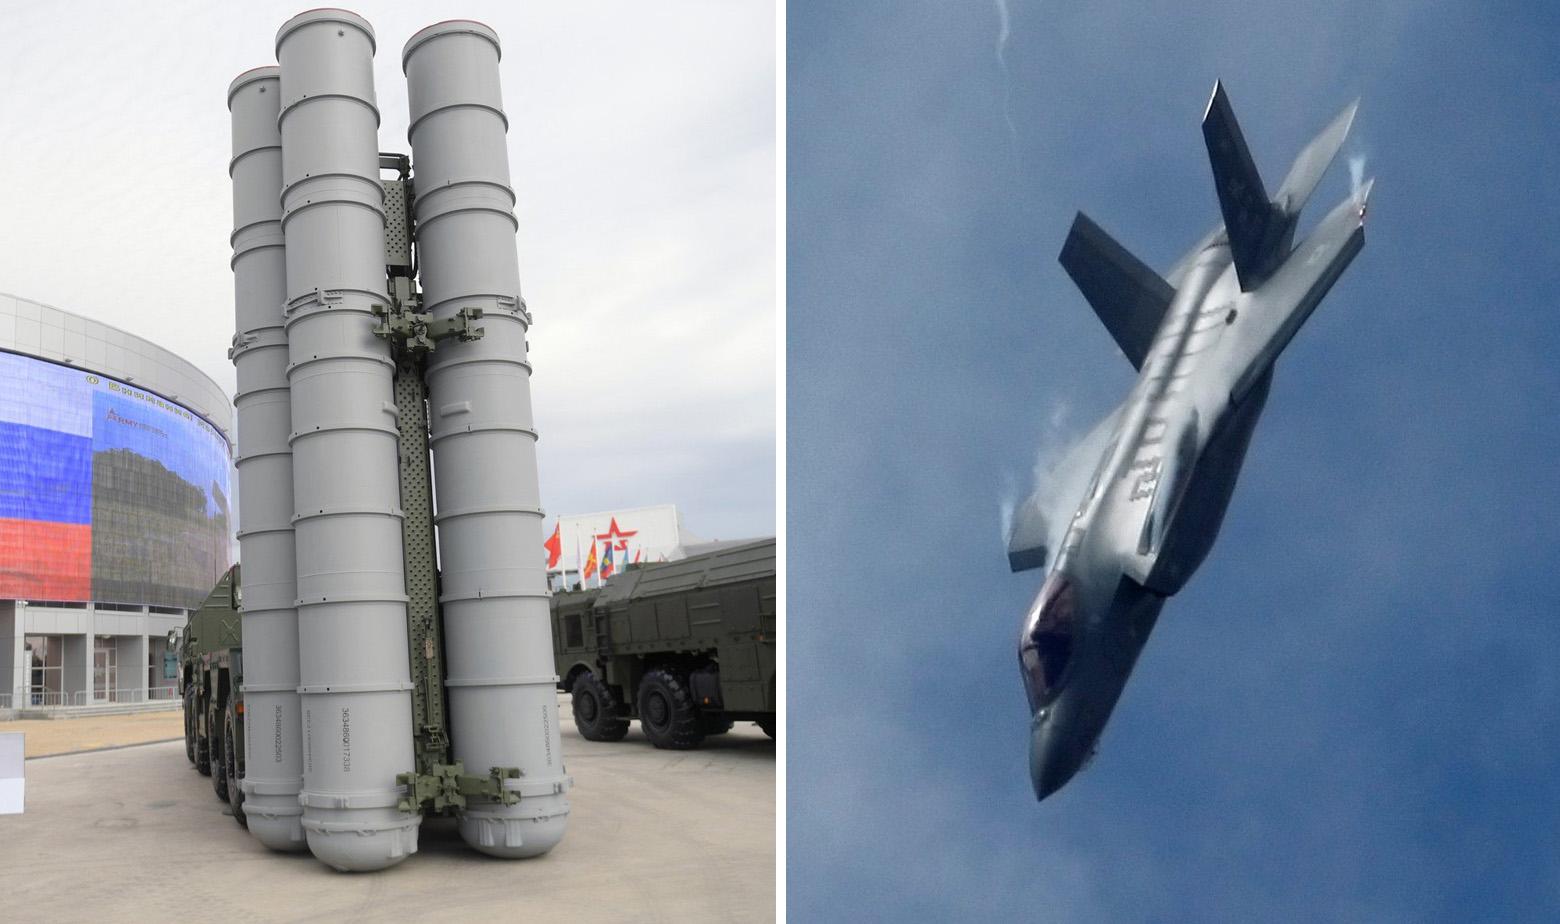 Ilustracija: S-400 raketni sustav i F-35A na aeromitingu u Parizu